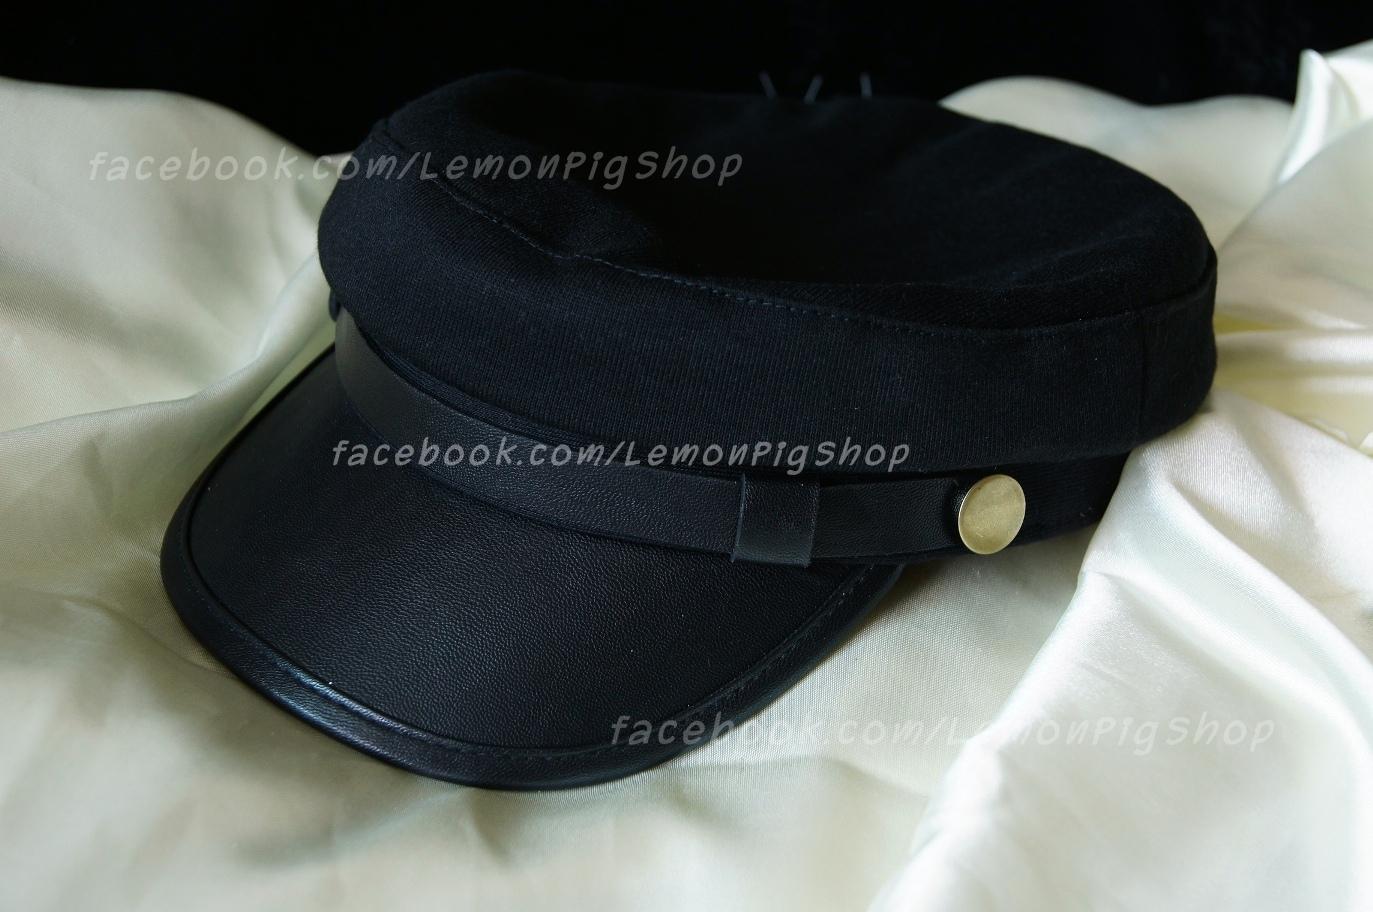 หมวกโกโบริ หมวกกัปตัน ผ้า ปีกหน้าหนัง สีดำ